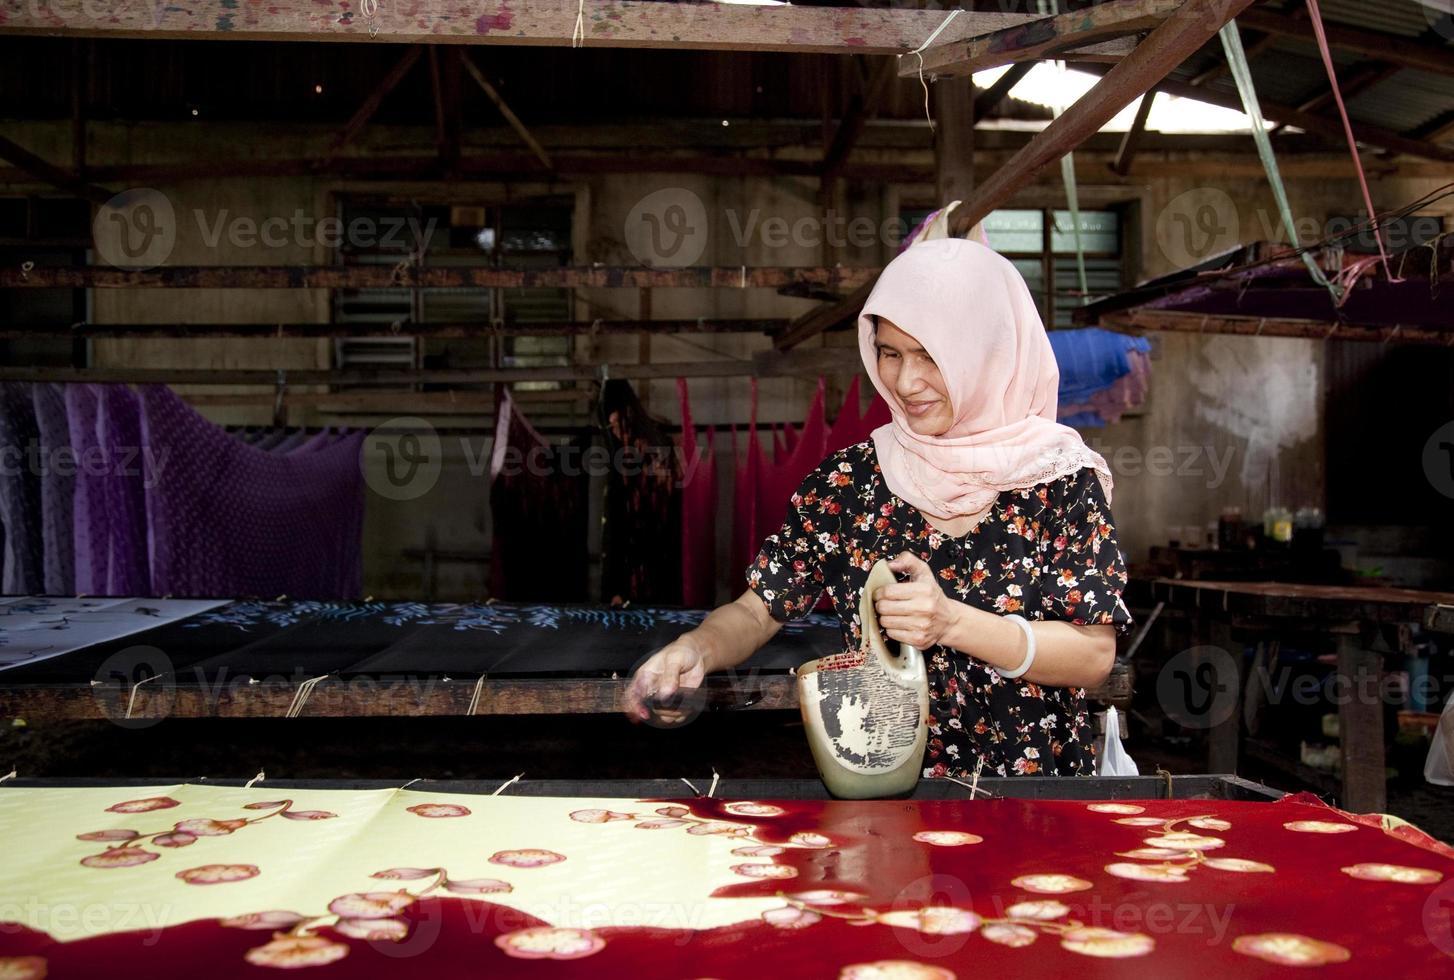 Malesia, fare batik, abiti colorati. foto